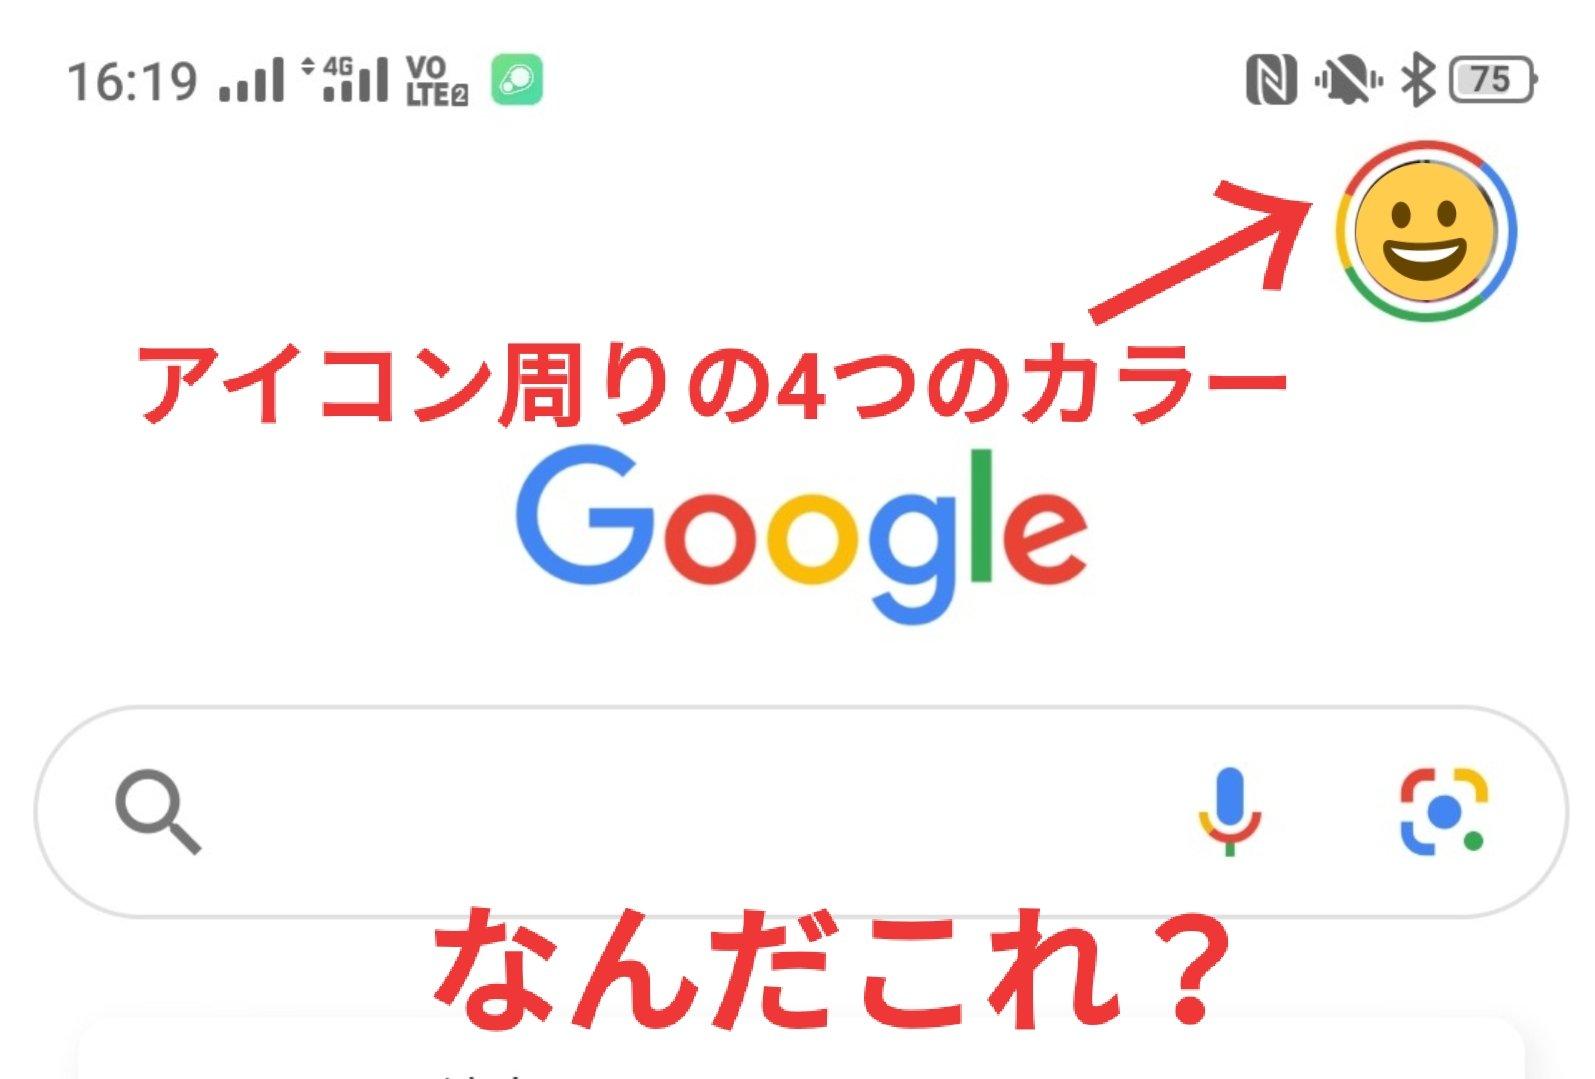 googleアカウントのアイコンの周りに色が付いた